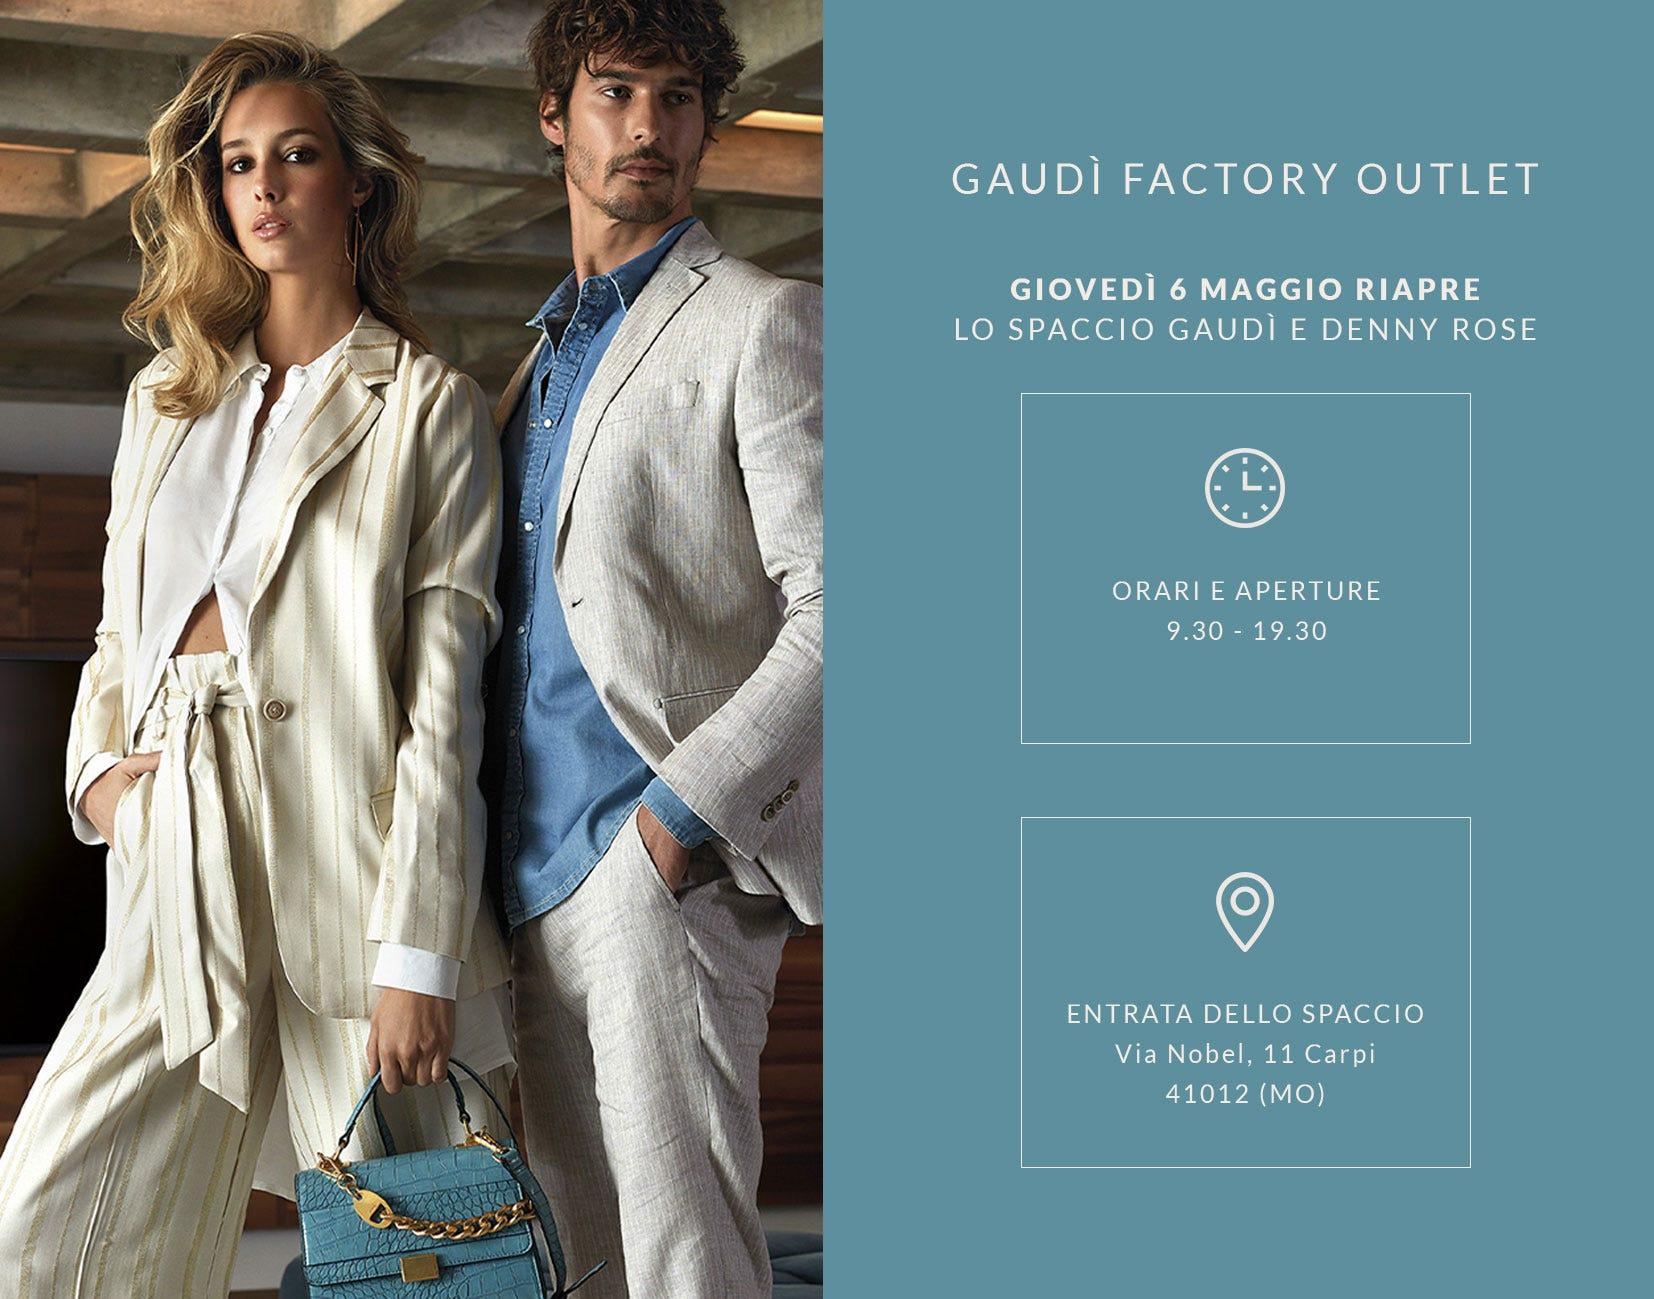 Gaudì Factory Outlet - Riparte il conto alla rovescia